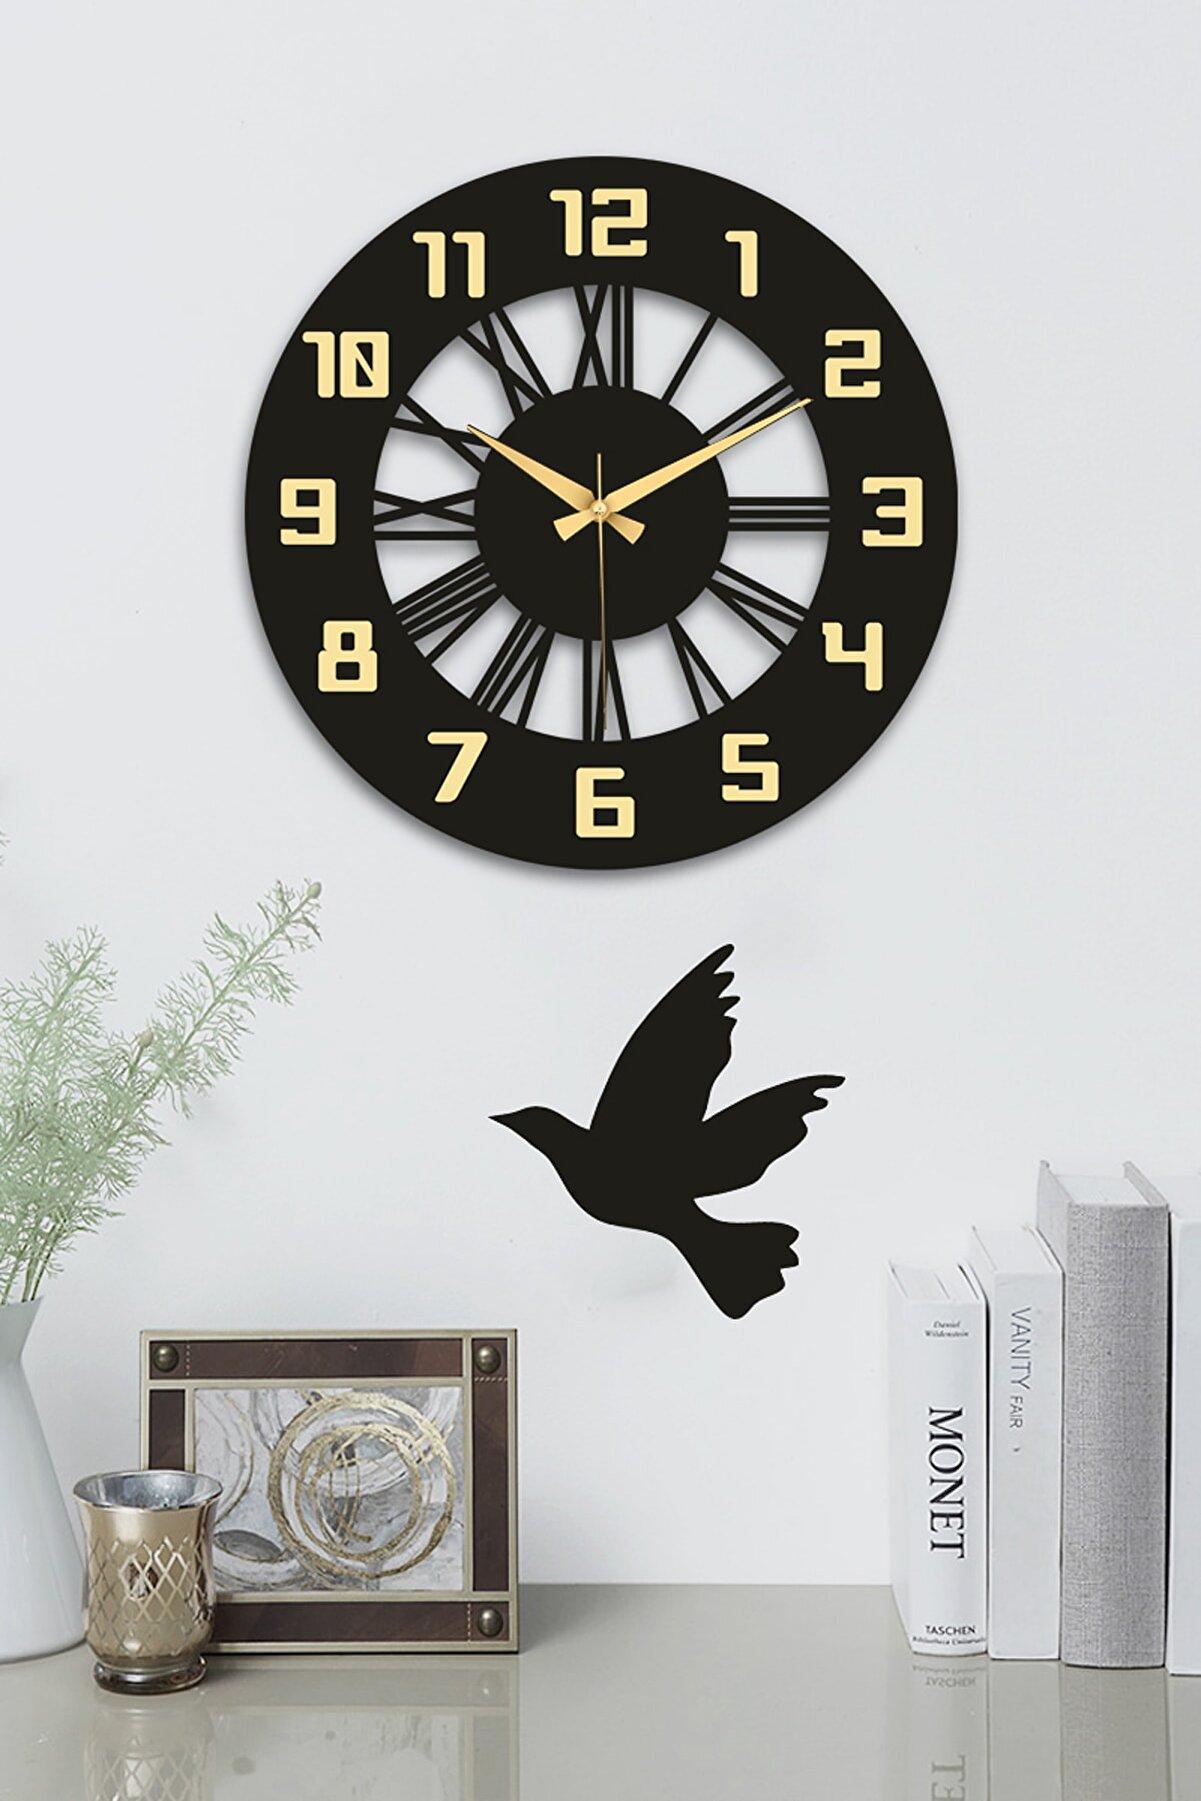 stilinbu Siyah Dekoratif Roma Ve Latin Rakamları Aynalı Duvar Saati 41x41cm ve Kuş Figür